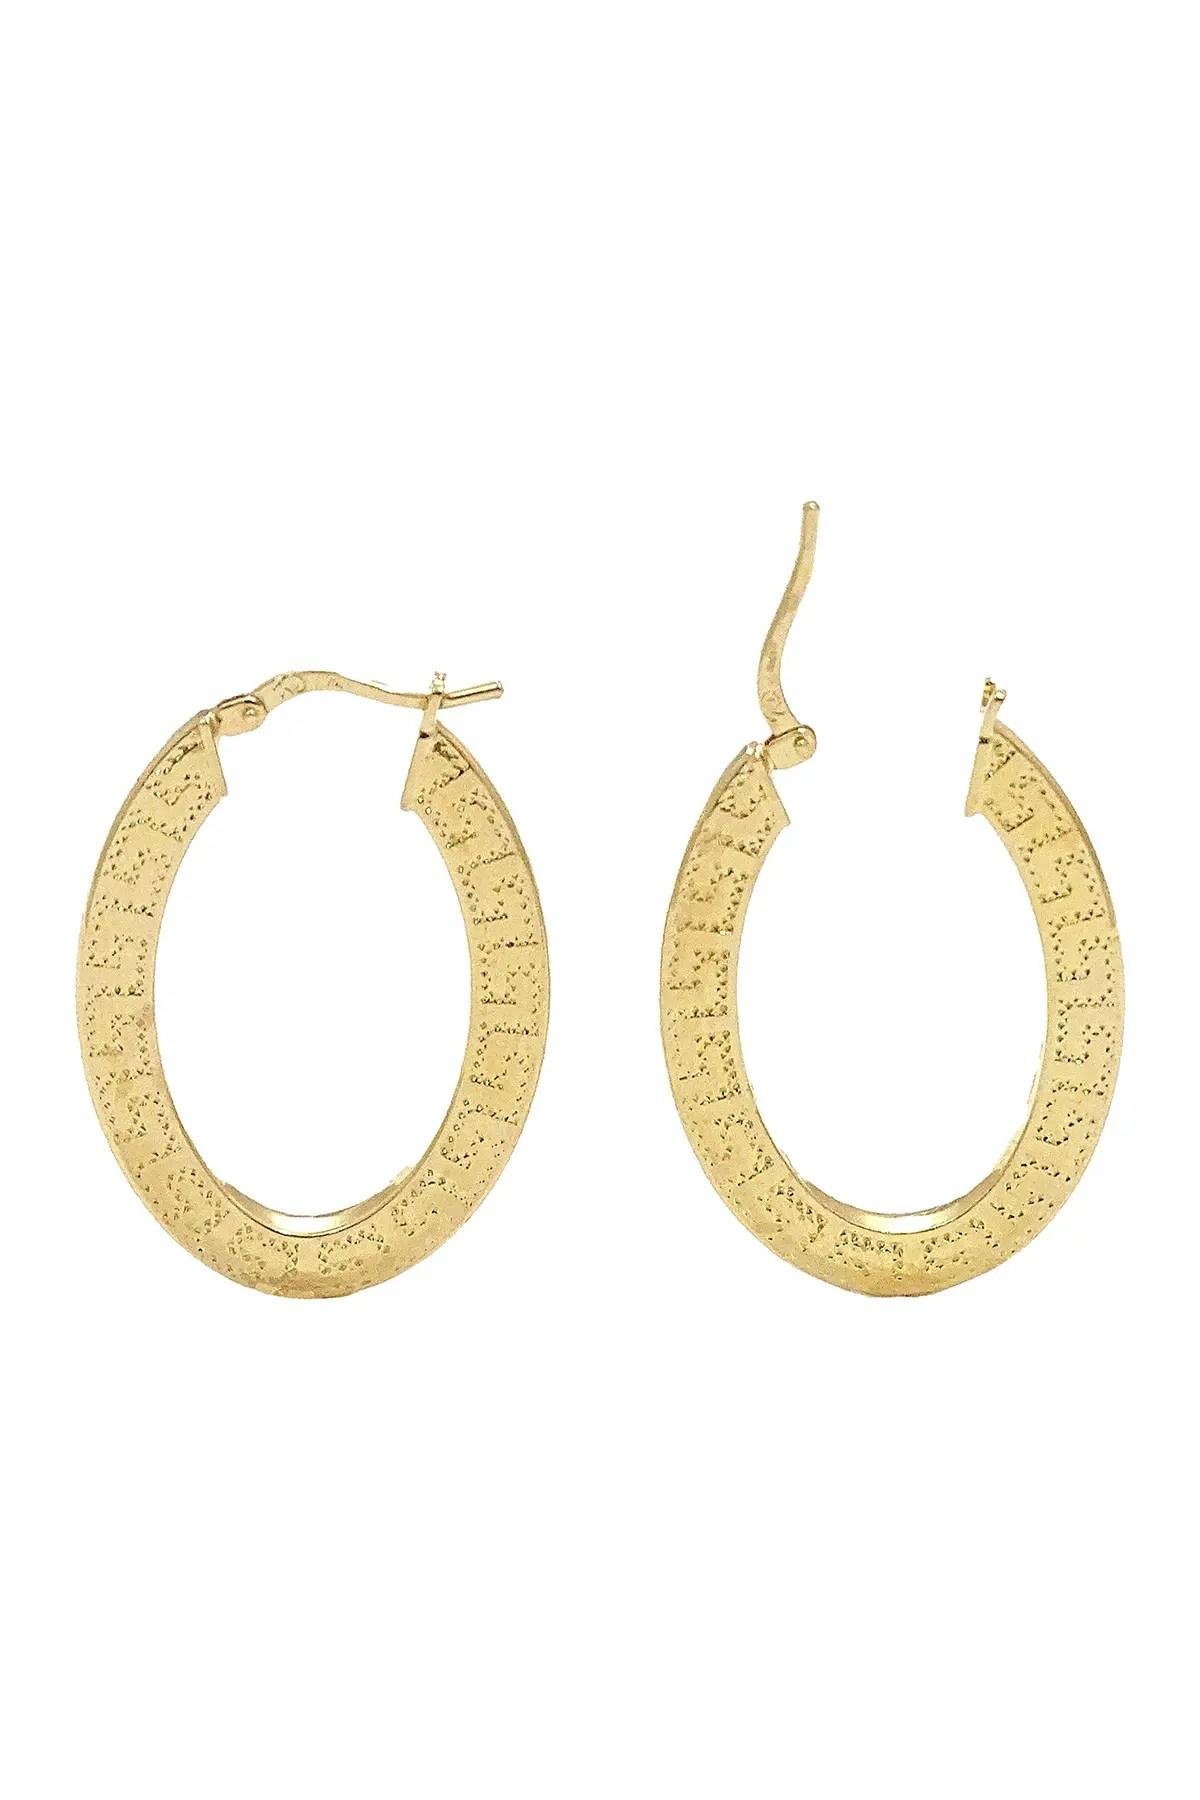 gold earrings nordstrom rack